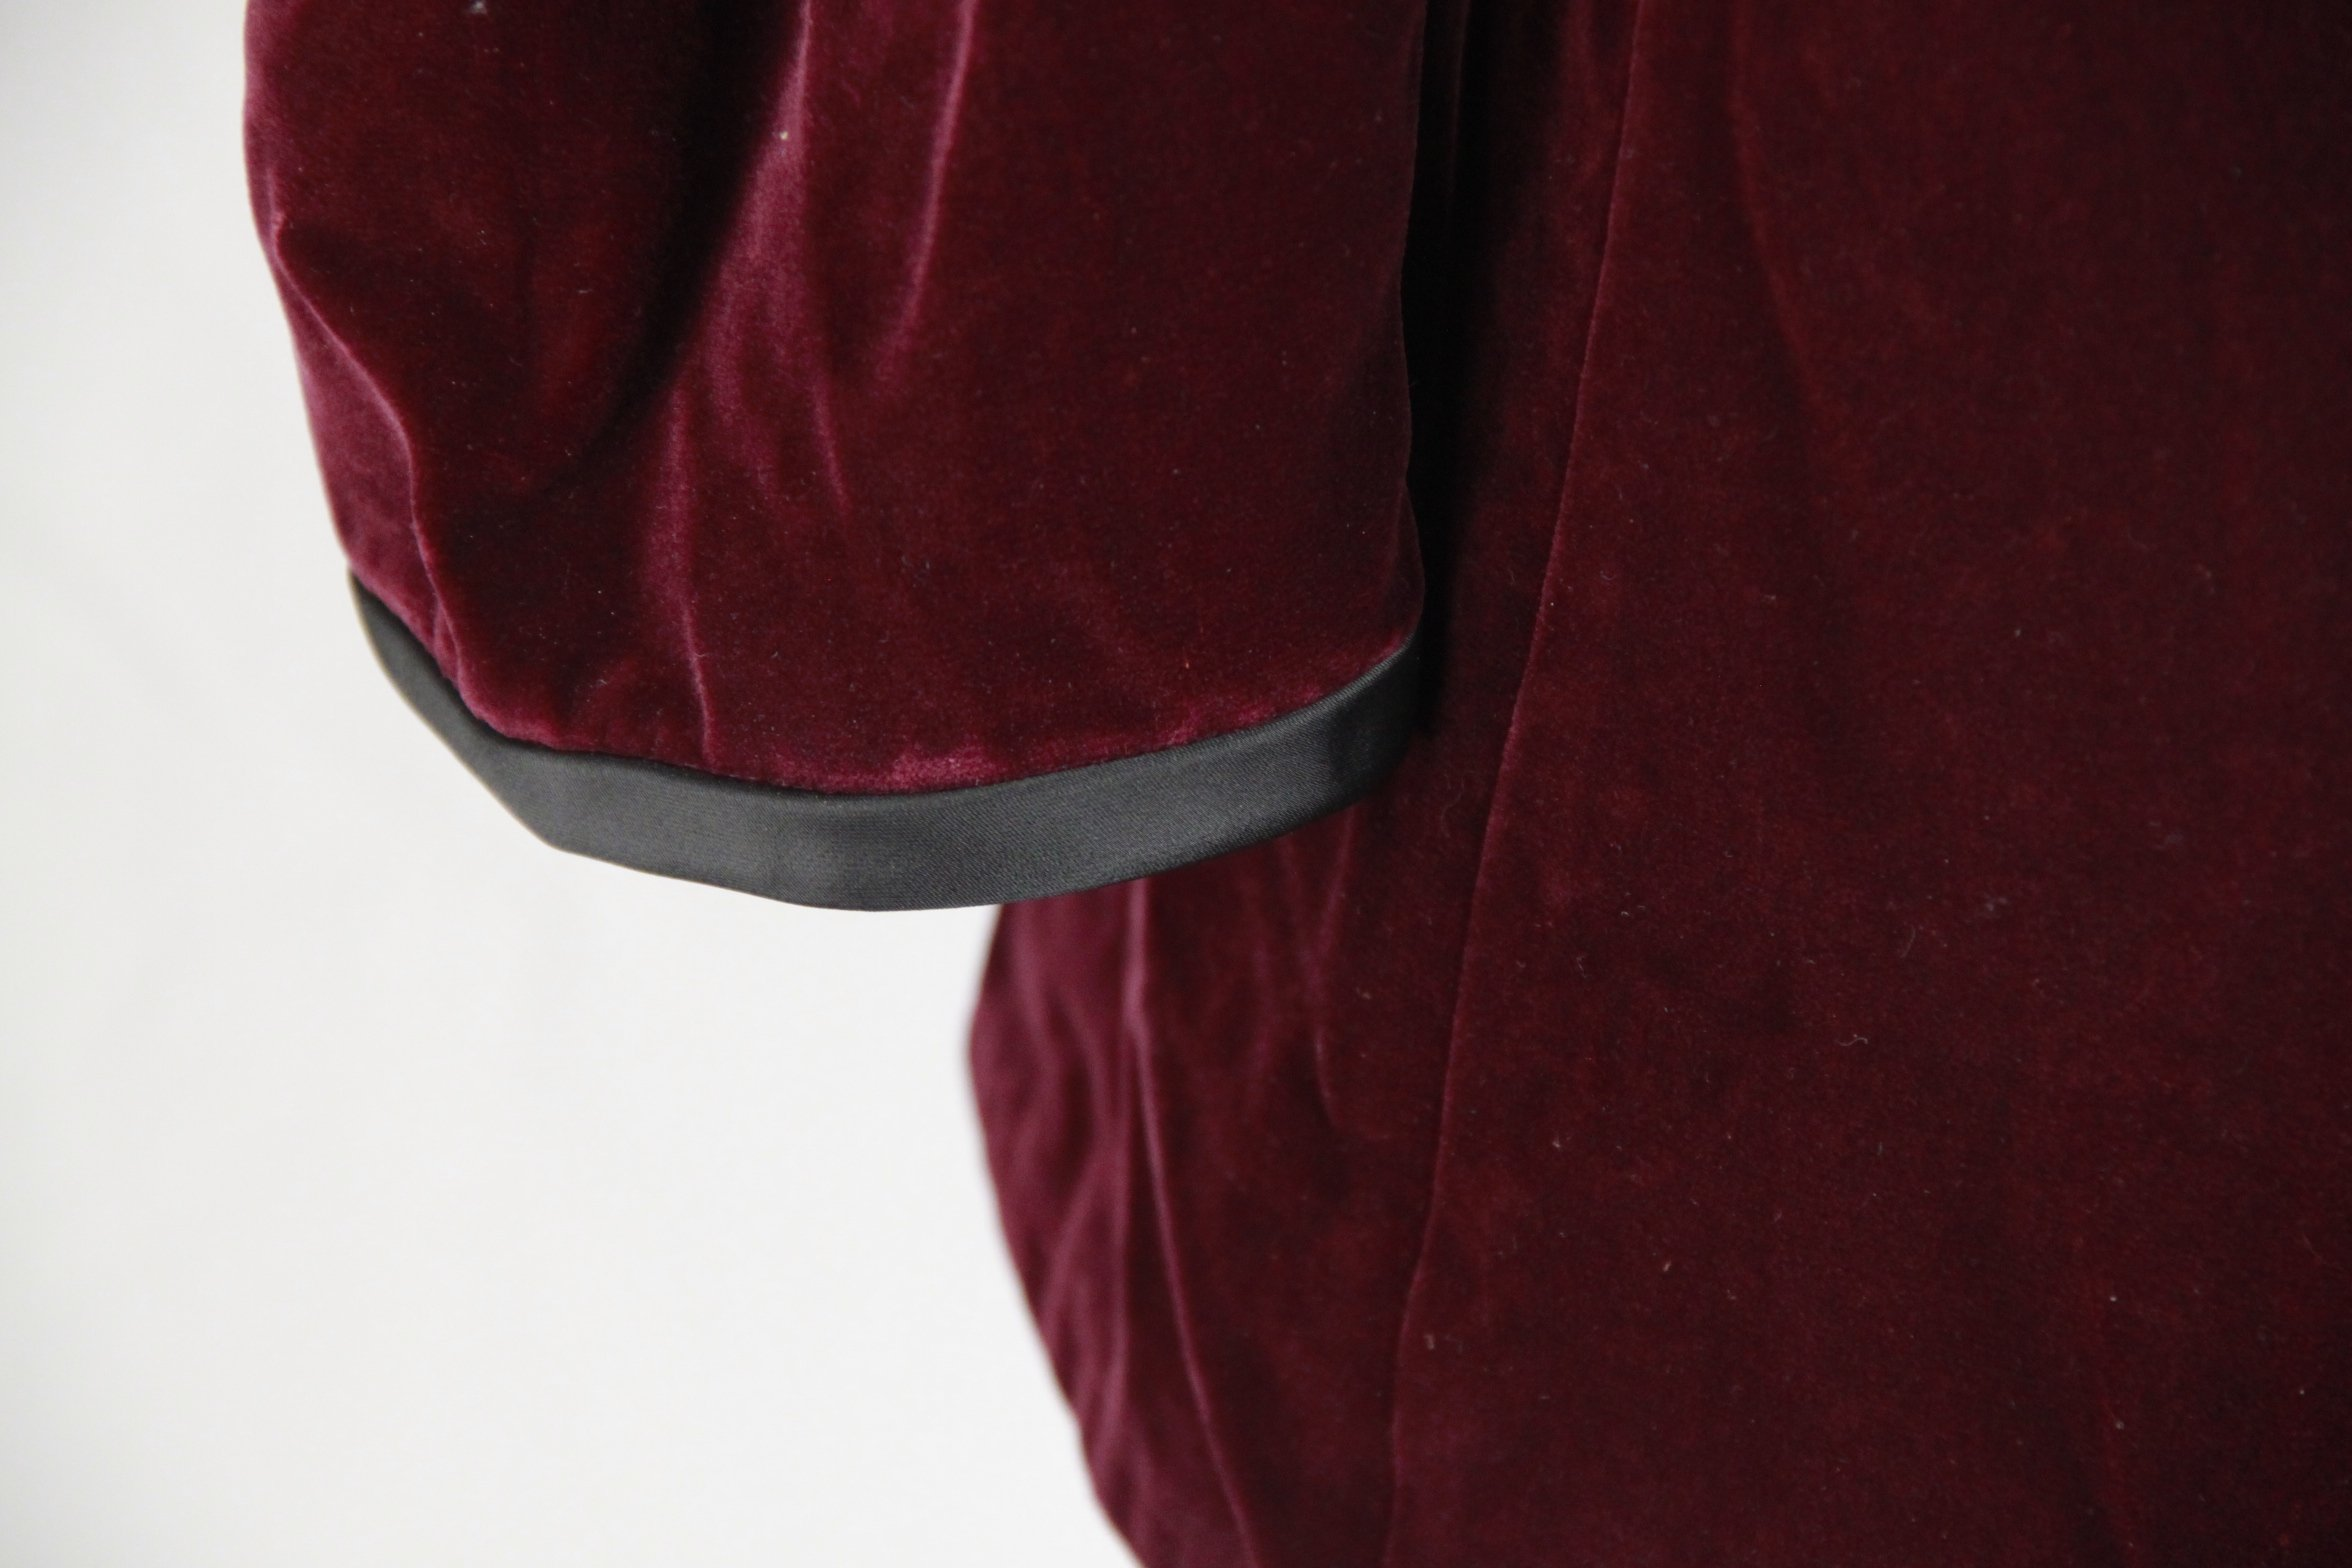 SAINT LAURENT Vintage Purple Velvet JACKET Size 44 For Sale at 1stdibs